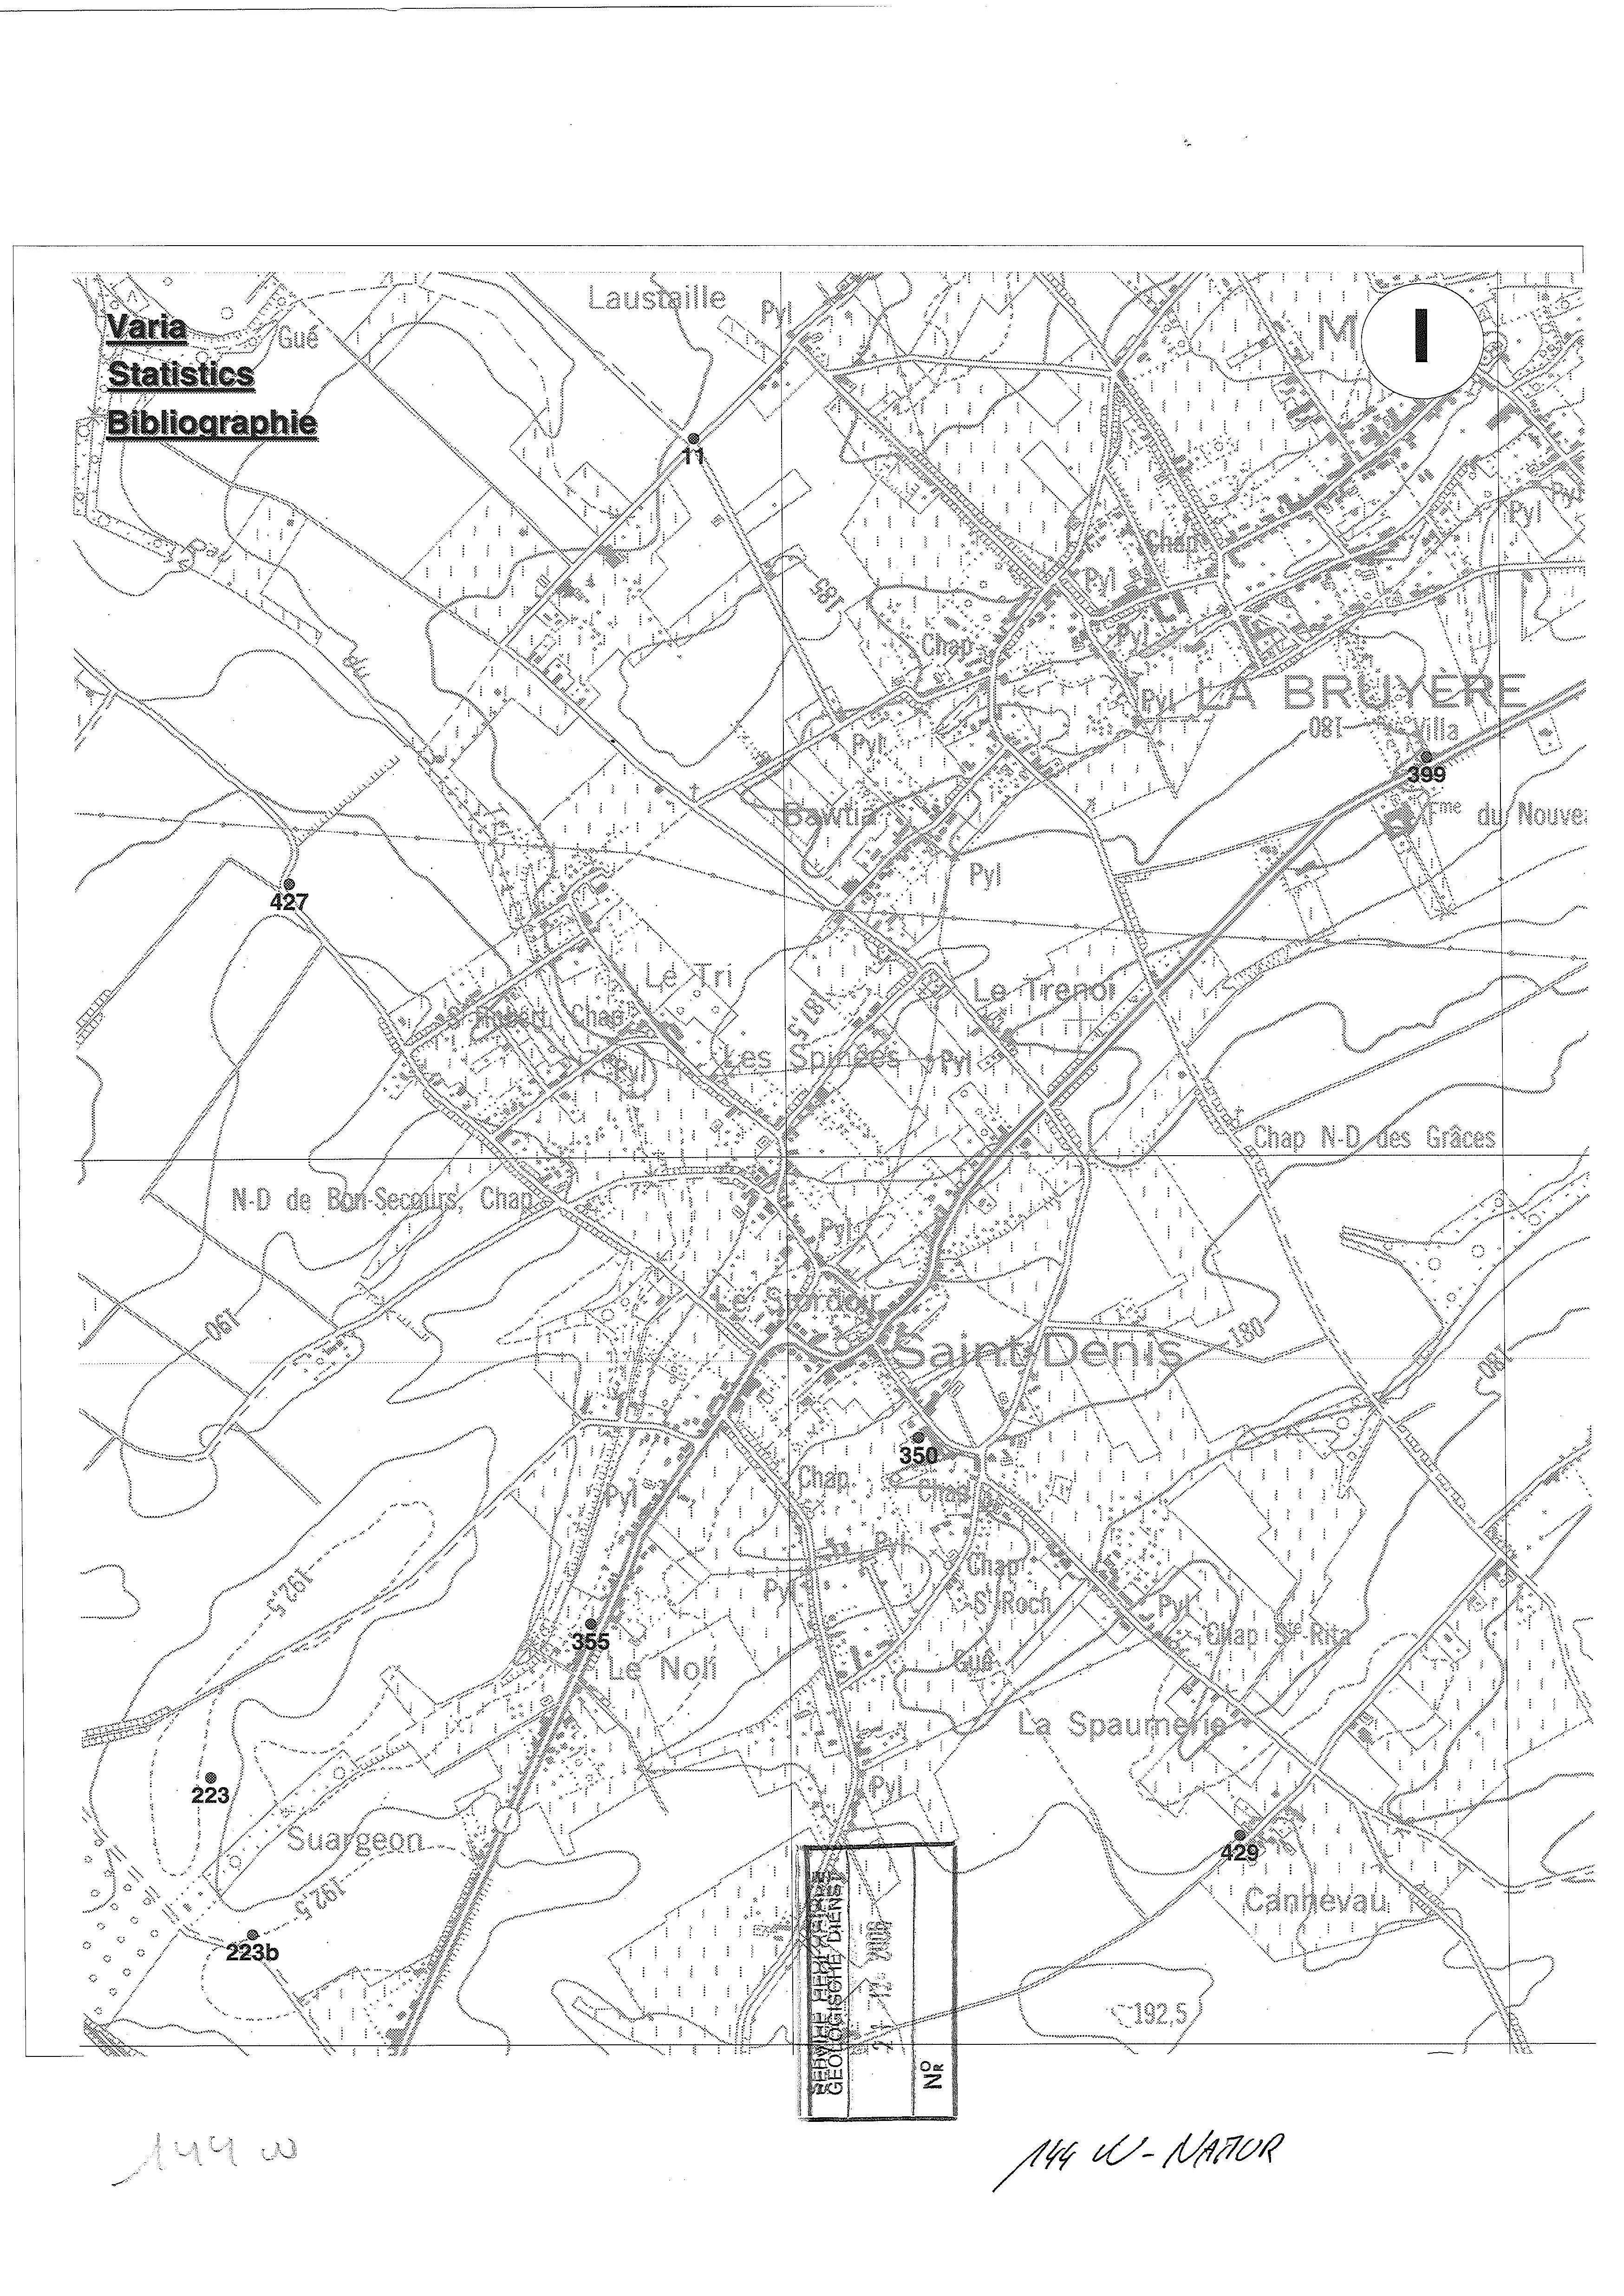 144W_Namur_Page_1_Image_0001.jpg